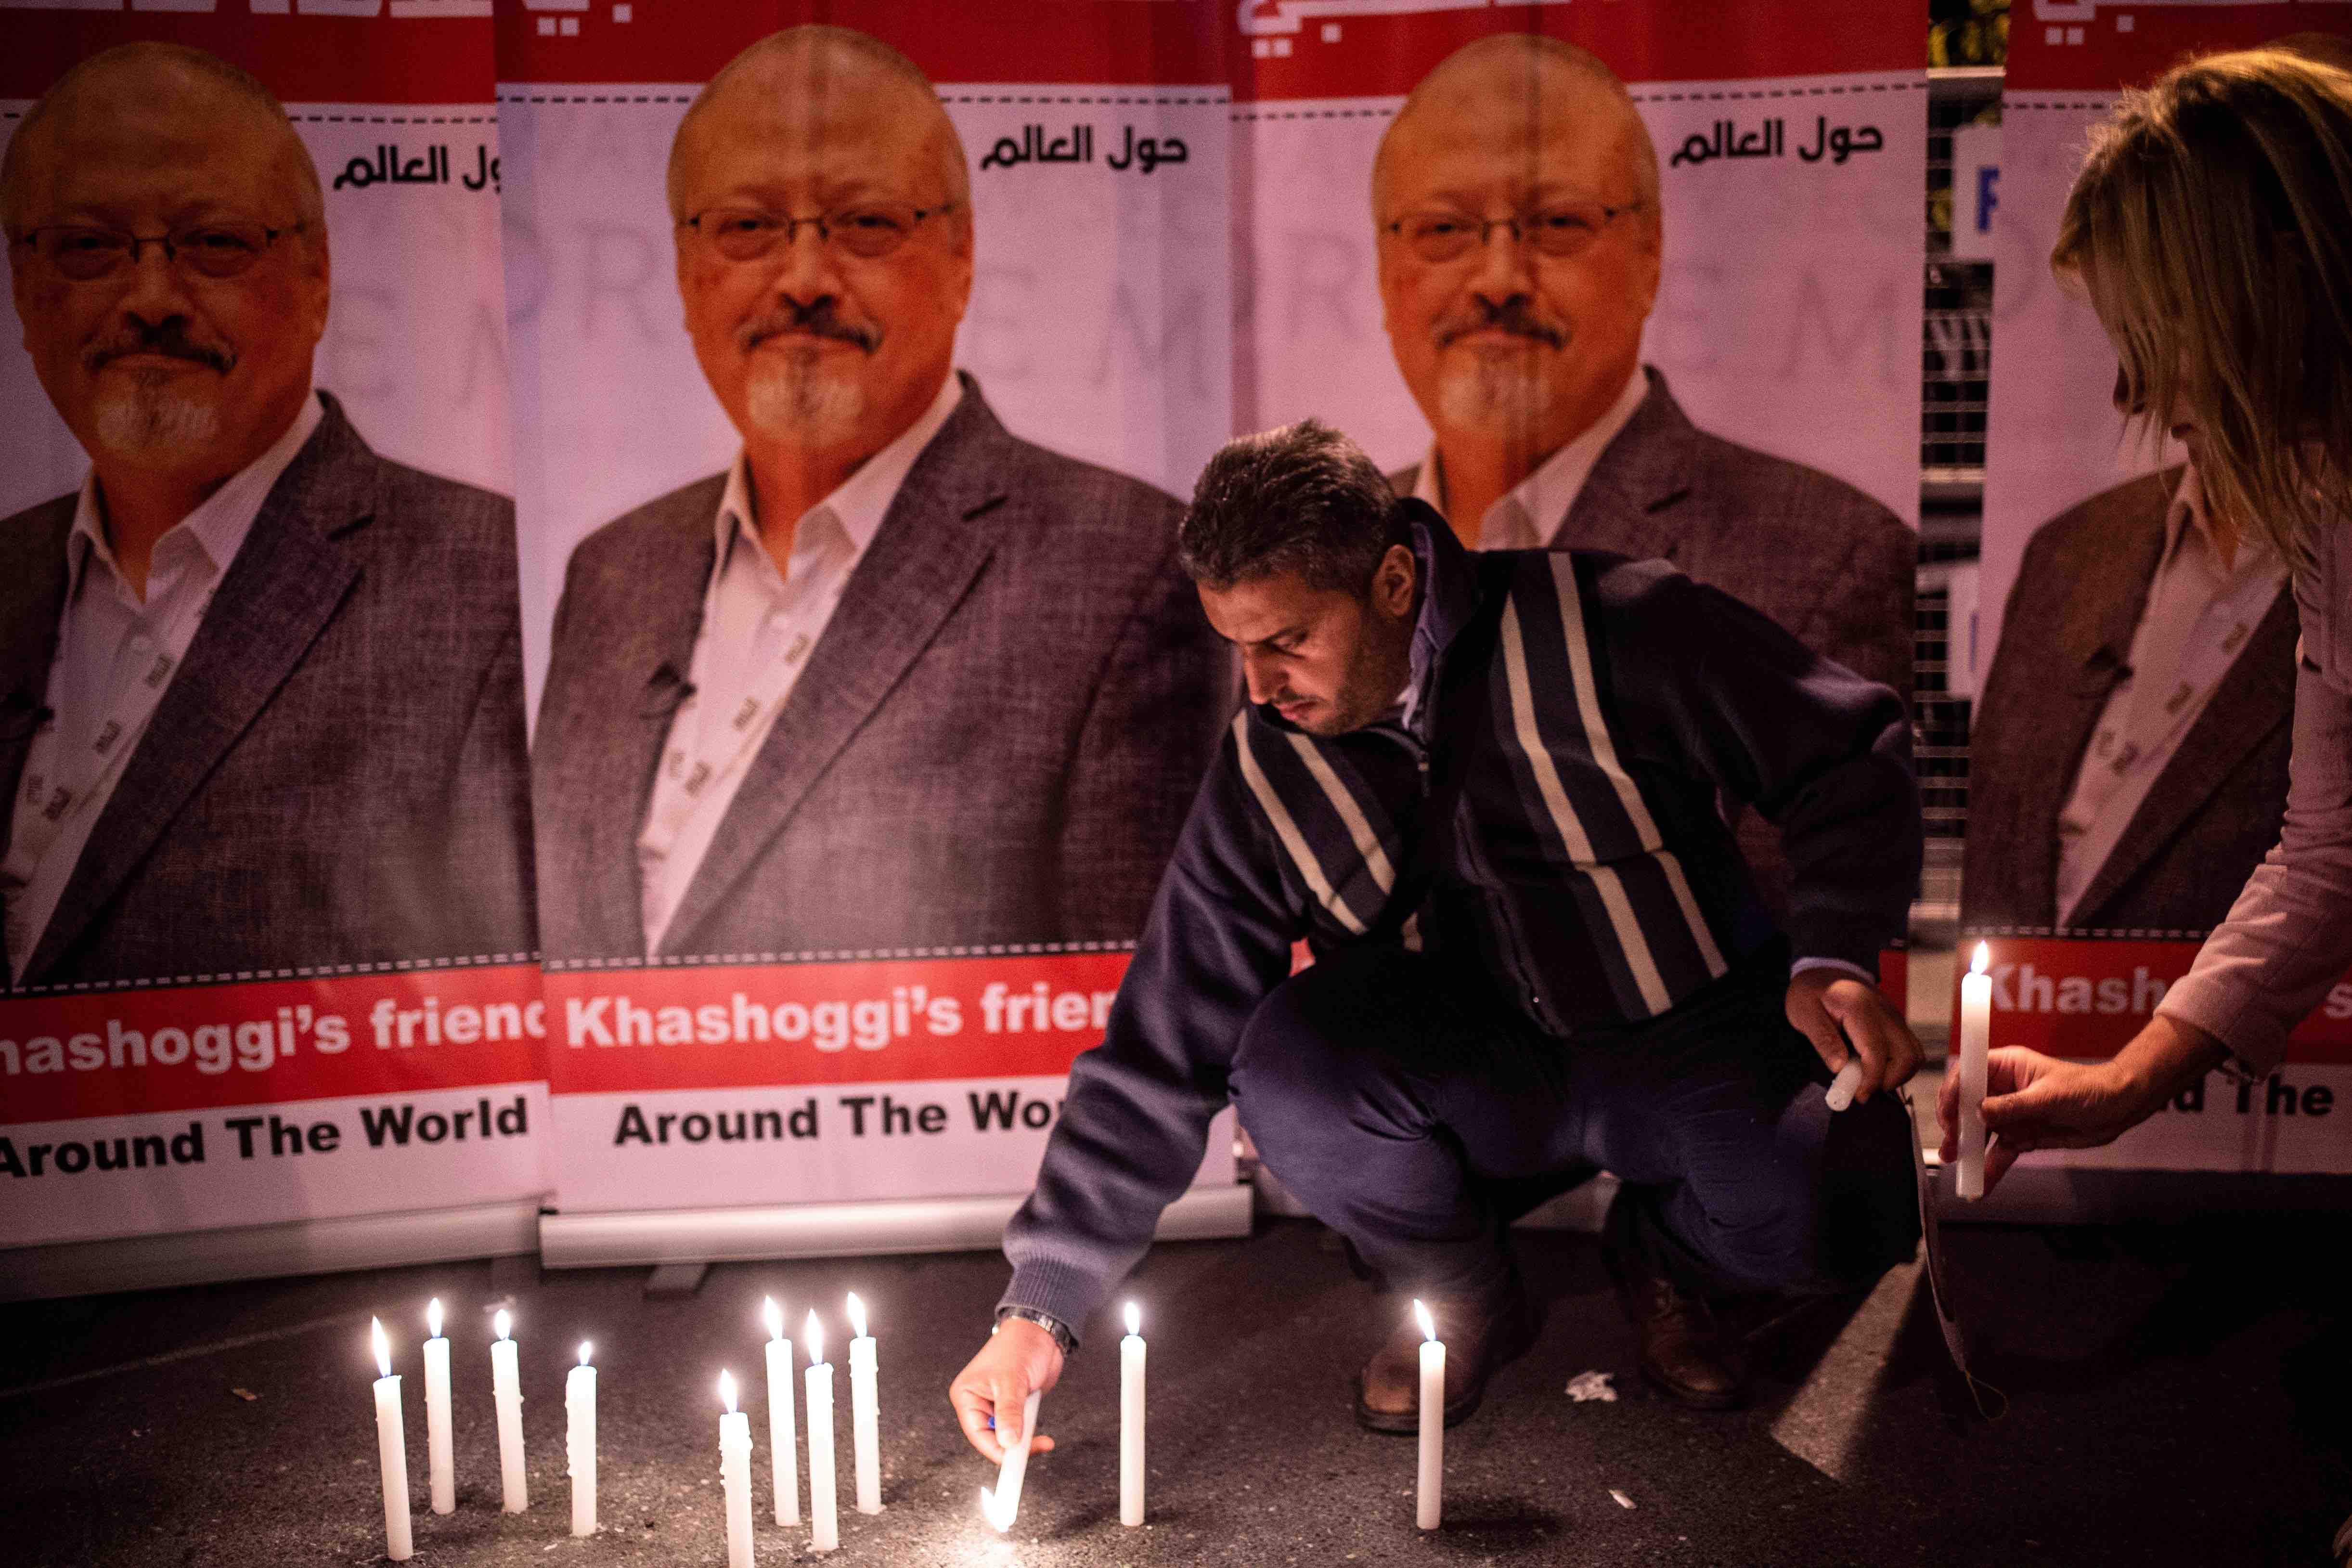 Erdogan wants Istanbul trial over planned Khashoggi